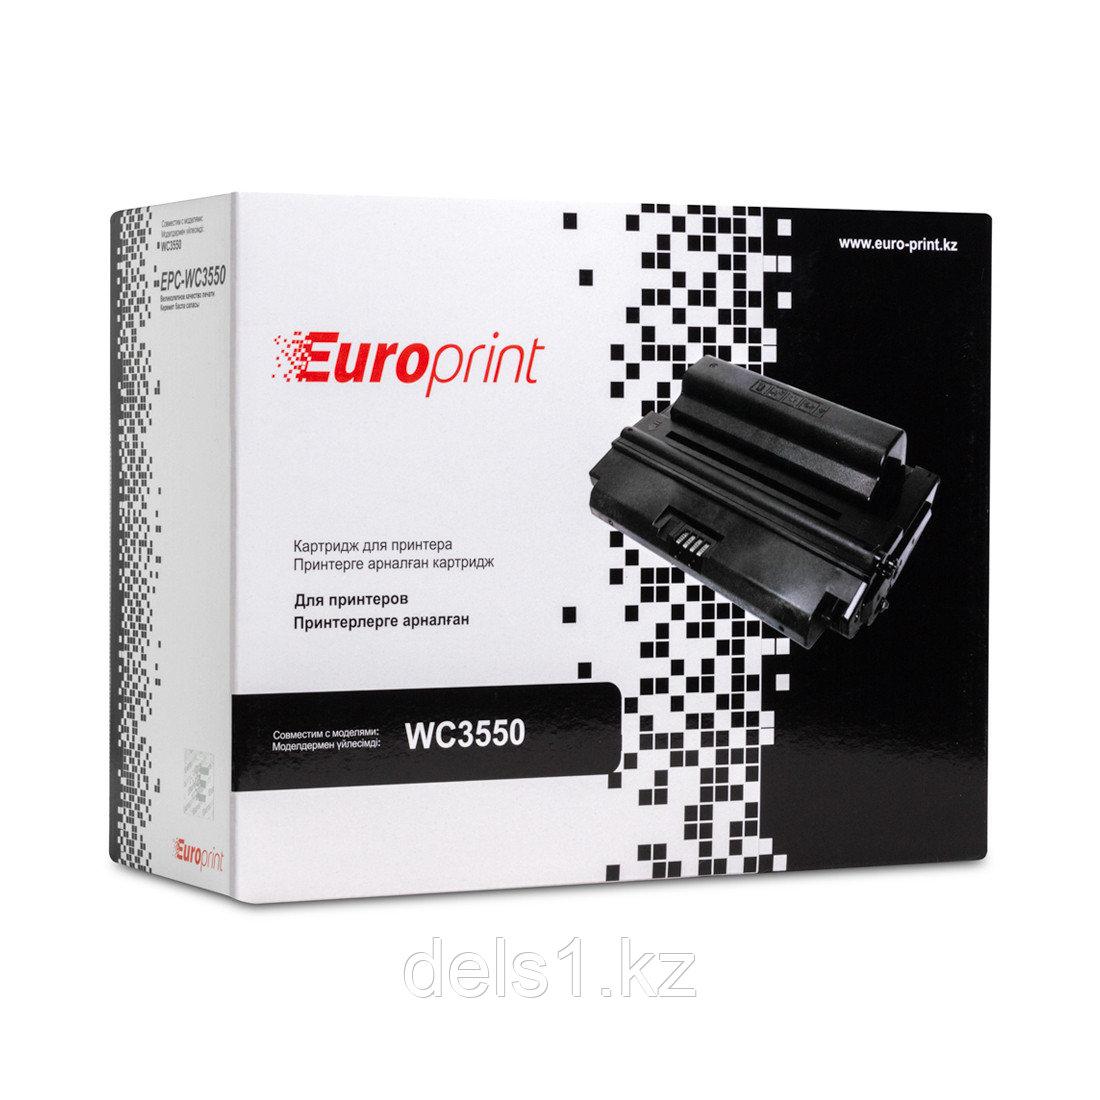 Картридж, Europrint, EPC-106R01529, Для принтеров Xerox WorkCentre 3550, 5000 страниц.